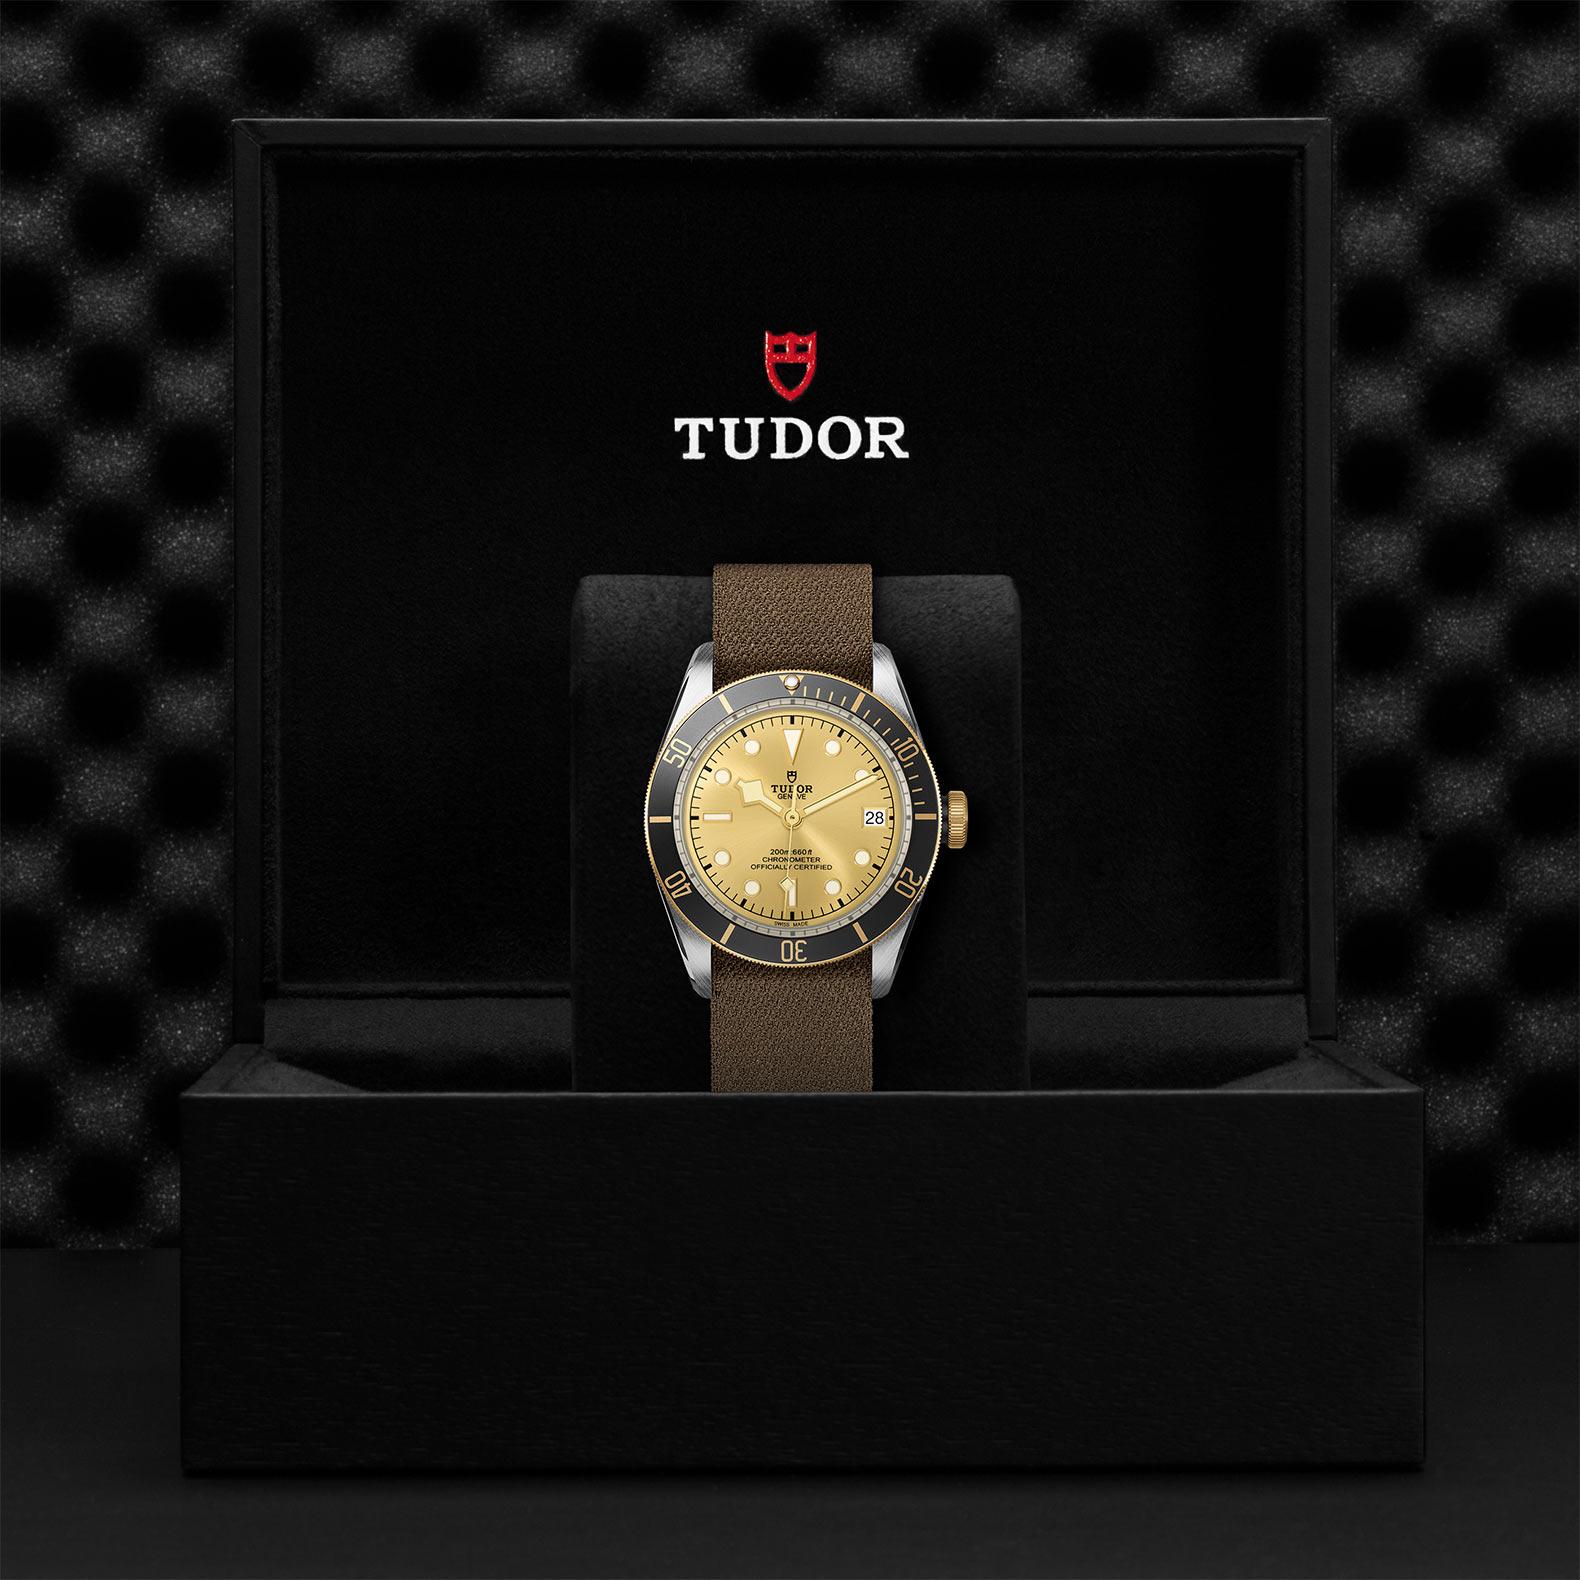 TUDOR Black Bay S&G - M79733N-0006